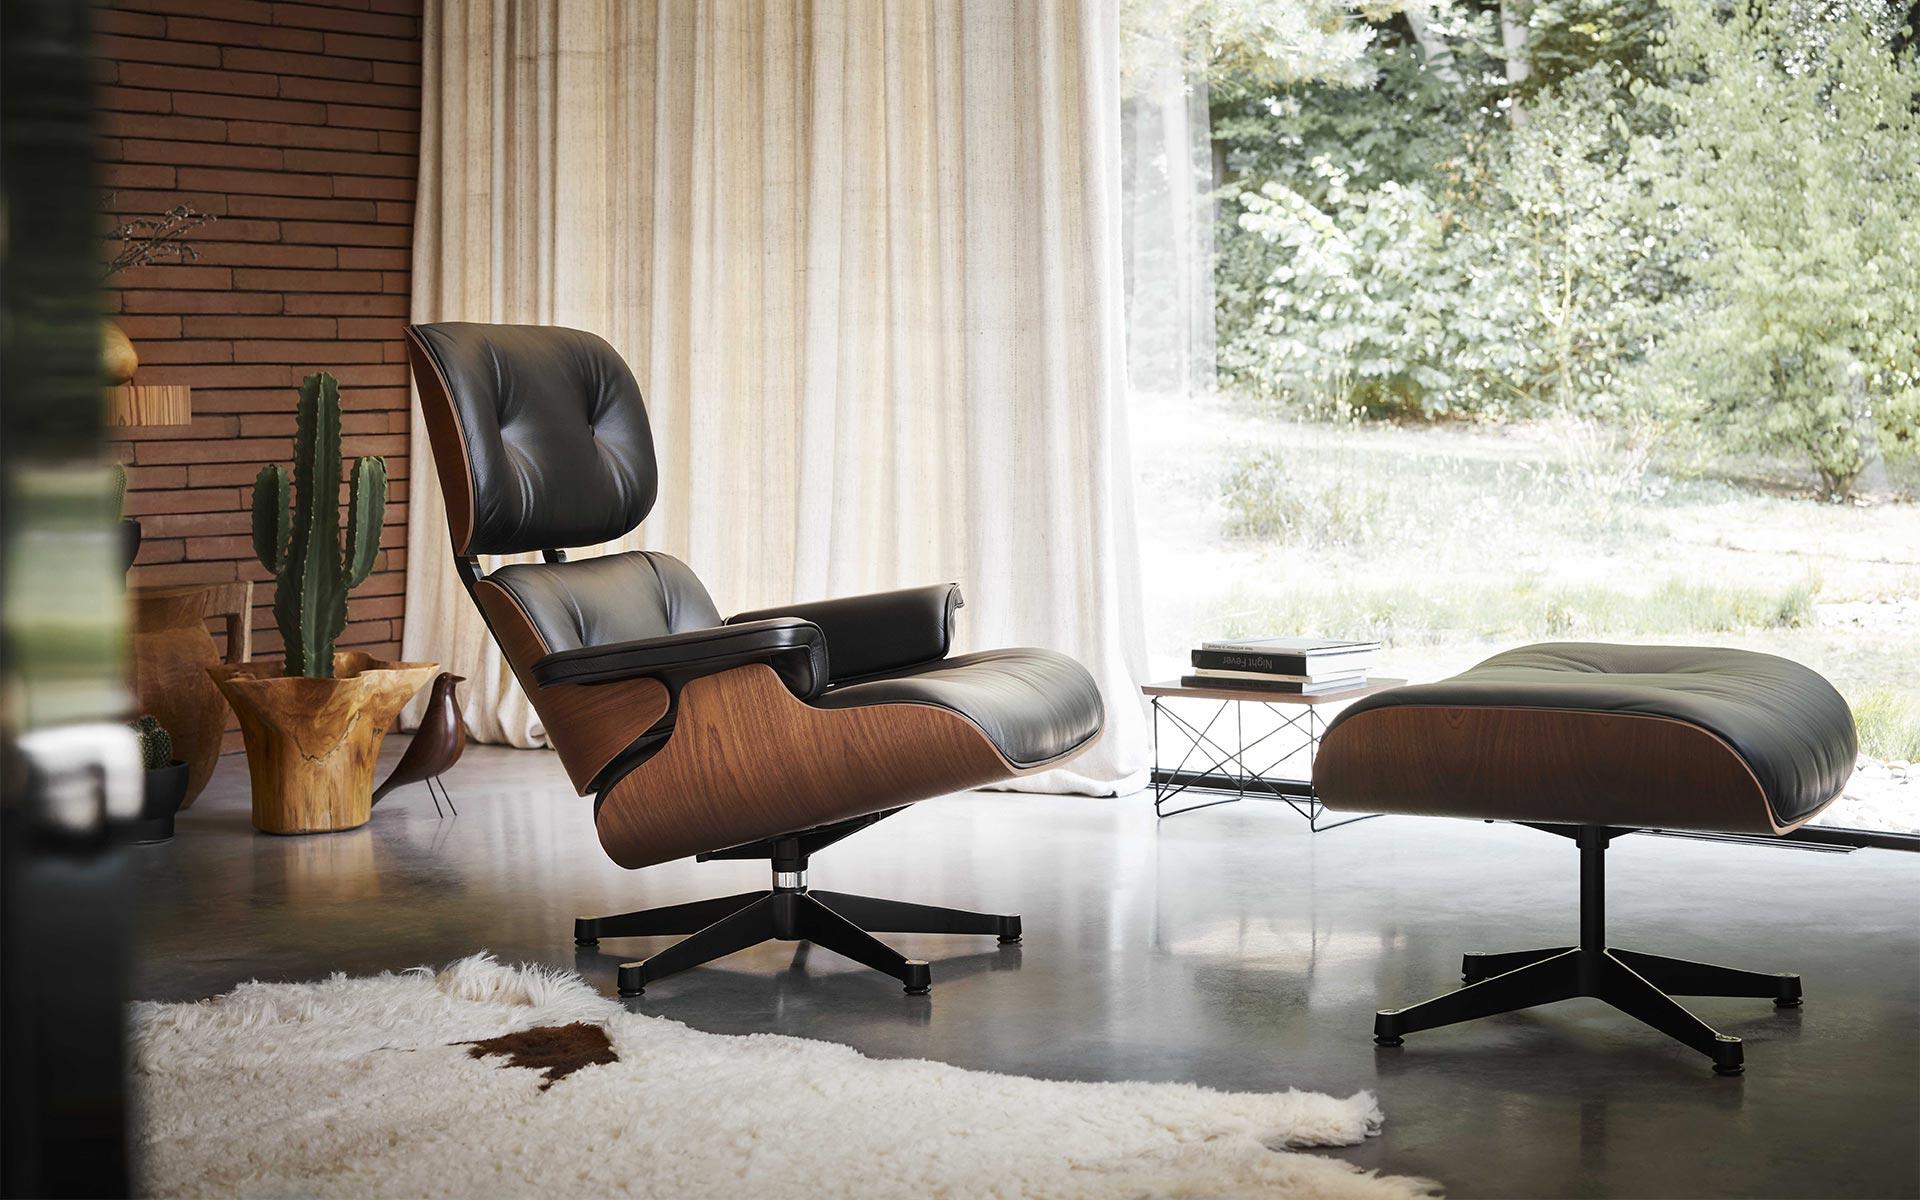 vitra lounge chair mahagoni in berlin bei steidten+